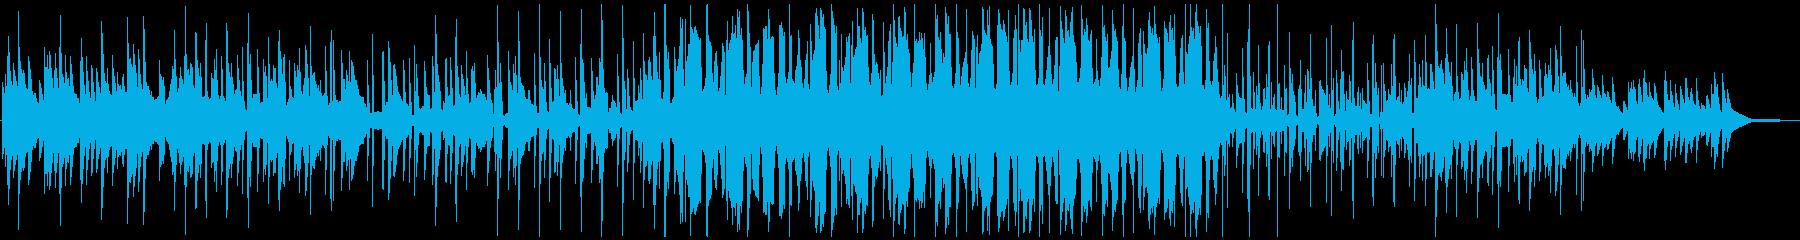 キラキラしたピアノChill hopの再生済みの波形